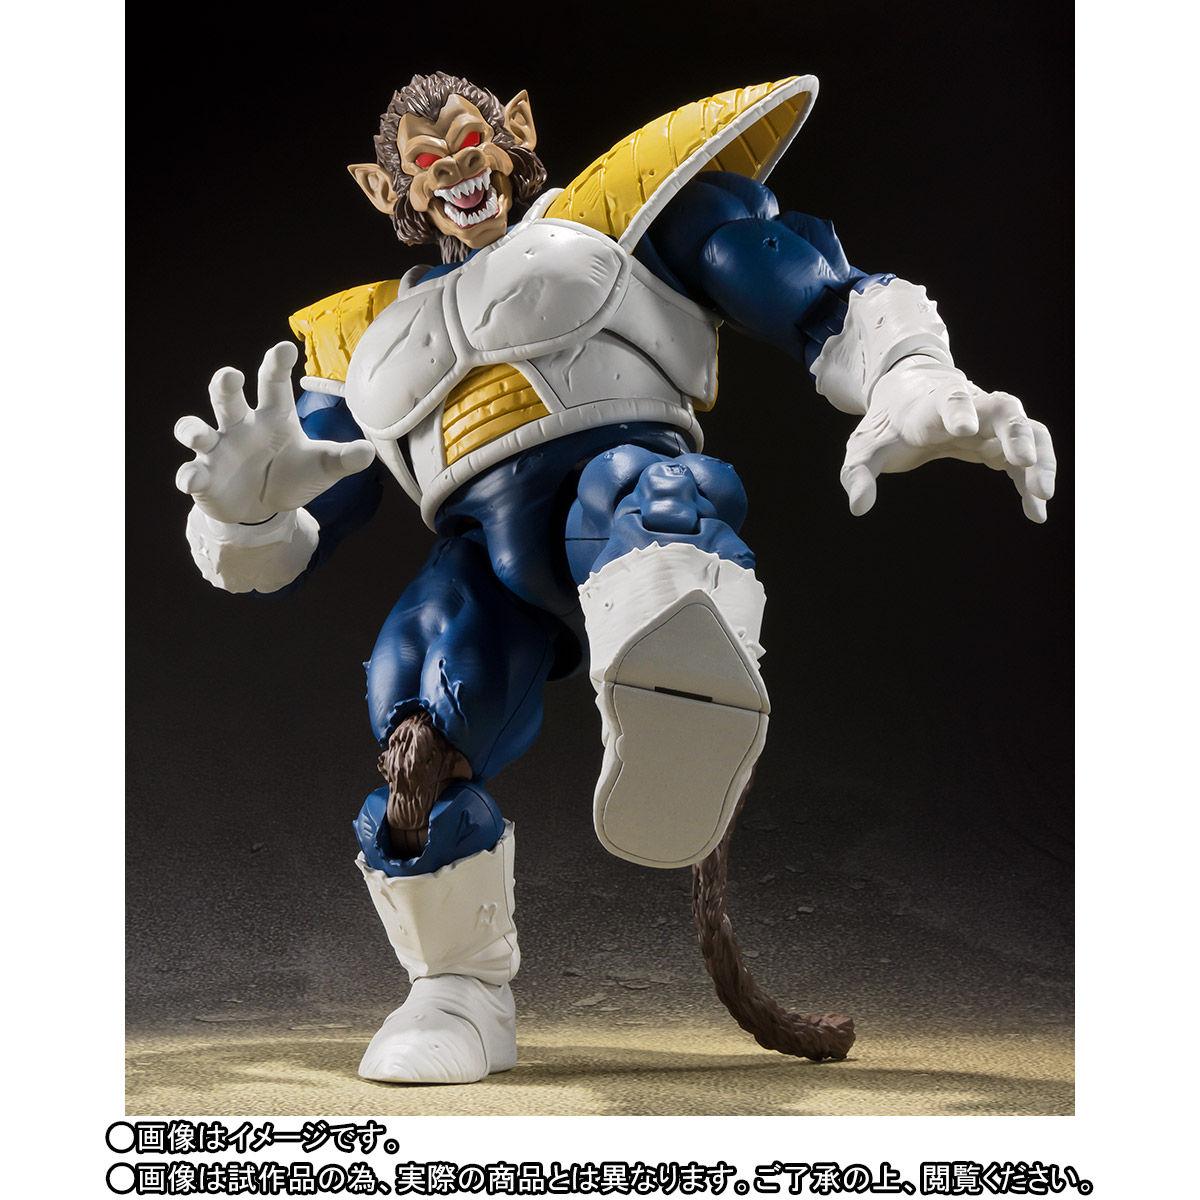 【限定販売】S.H.Figuarts『大猿ベジータ』ドラゴンボールZ 可動フィギュア-005